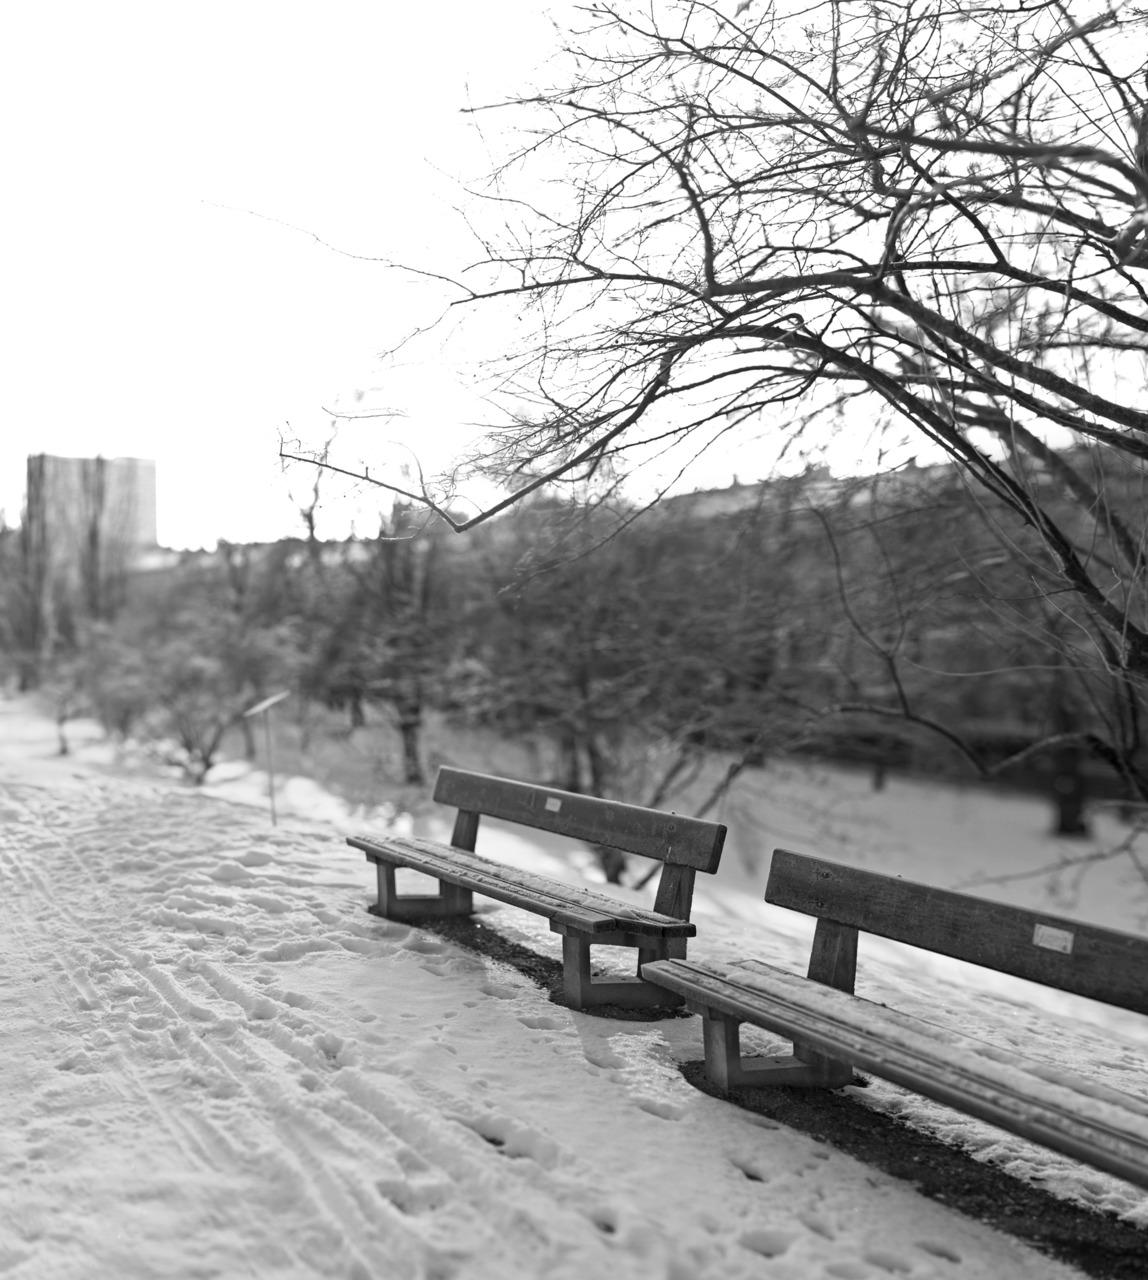 Bench, Oslo Botanical Gardens, 19/366.